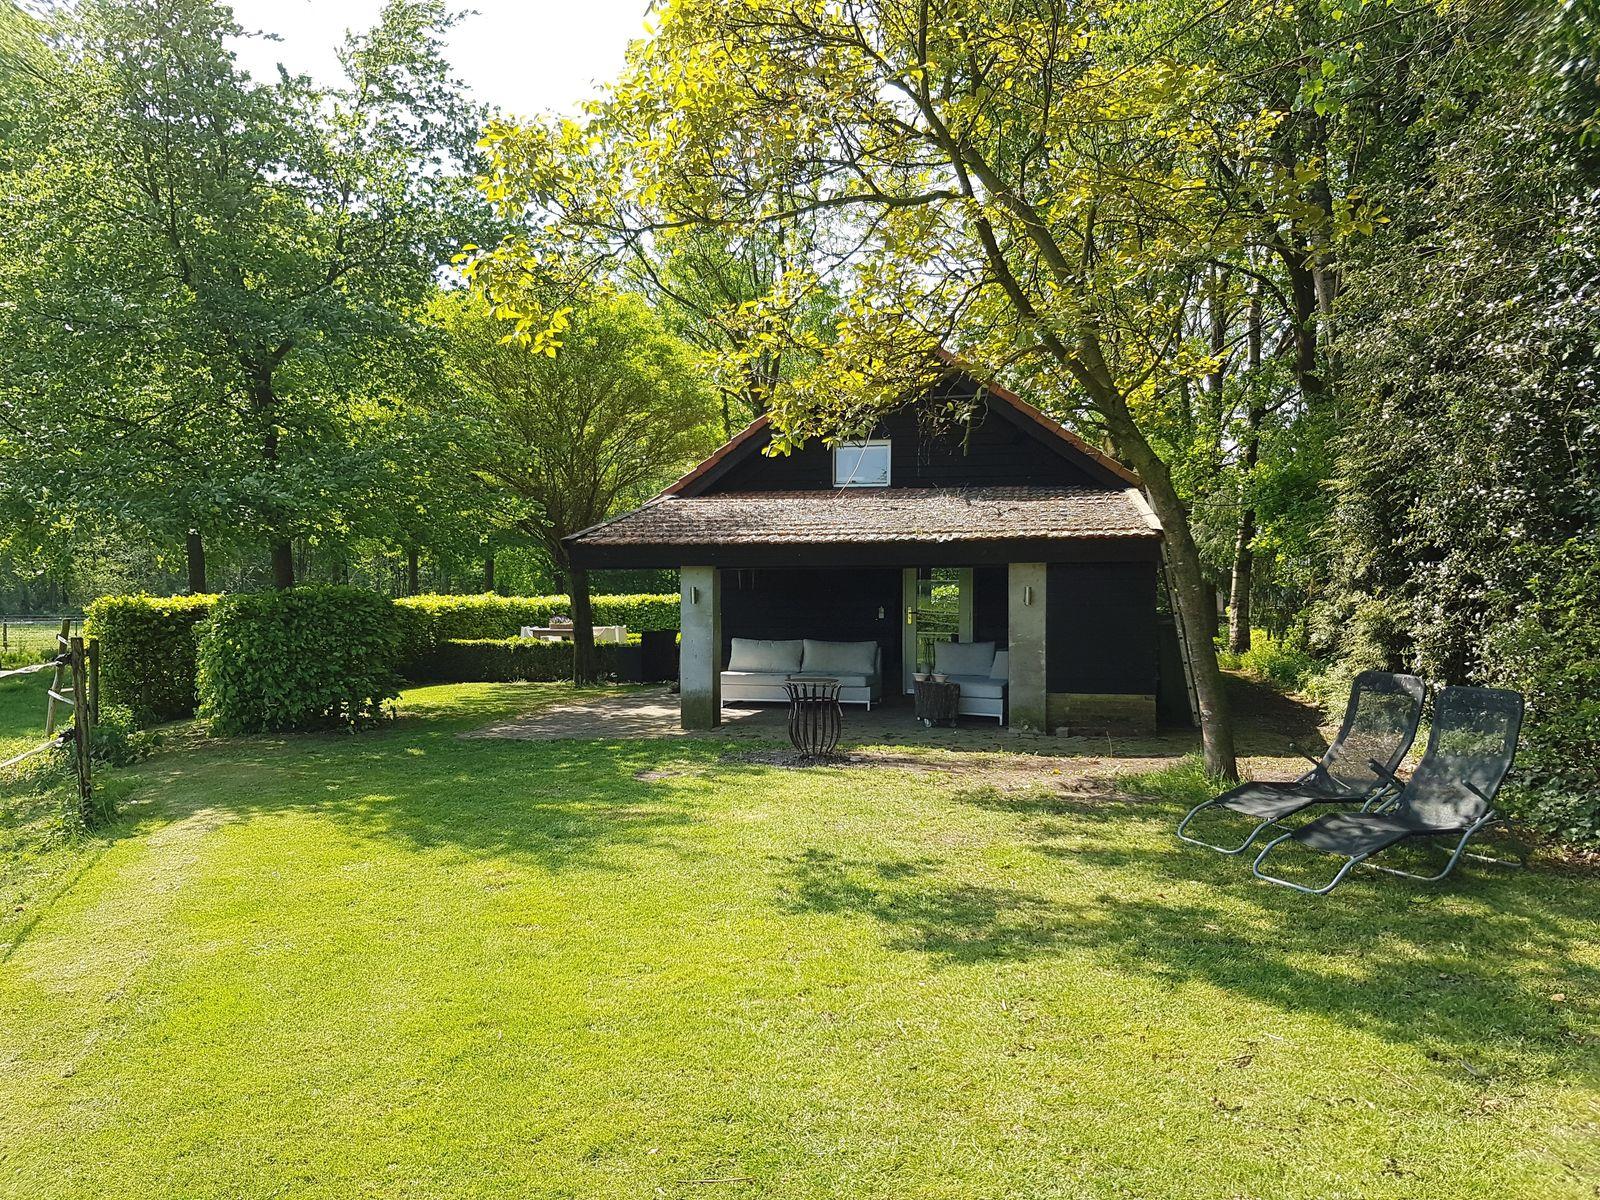 Afbeelding van Schaapskooi - vakantiehuis op Brabantse platteland